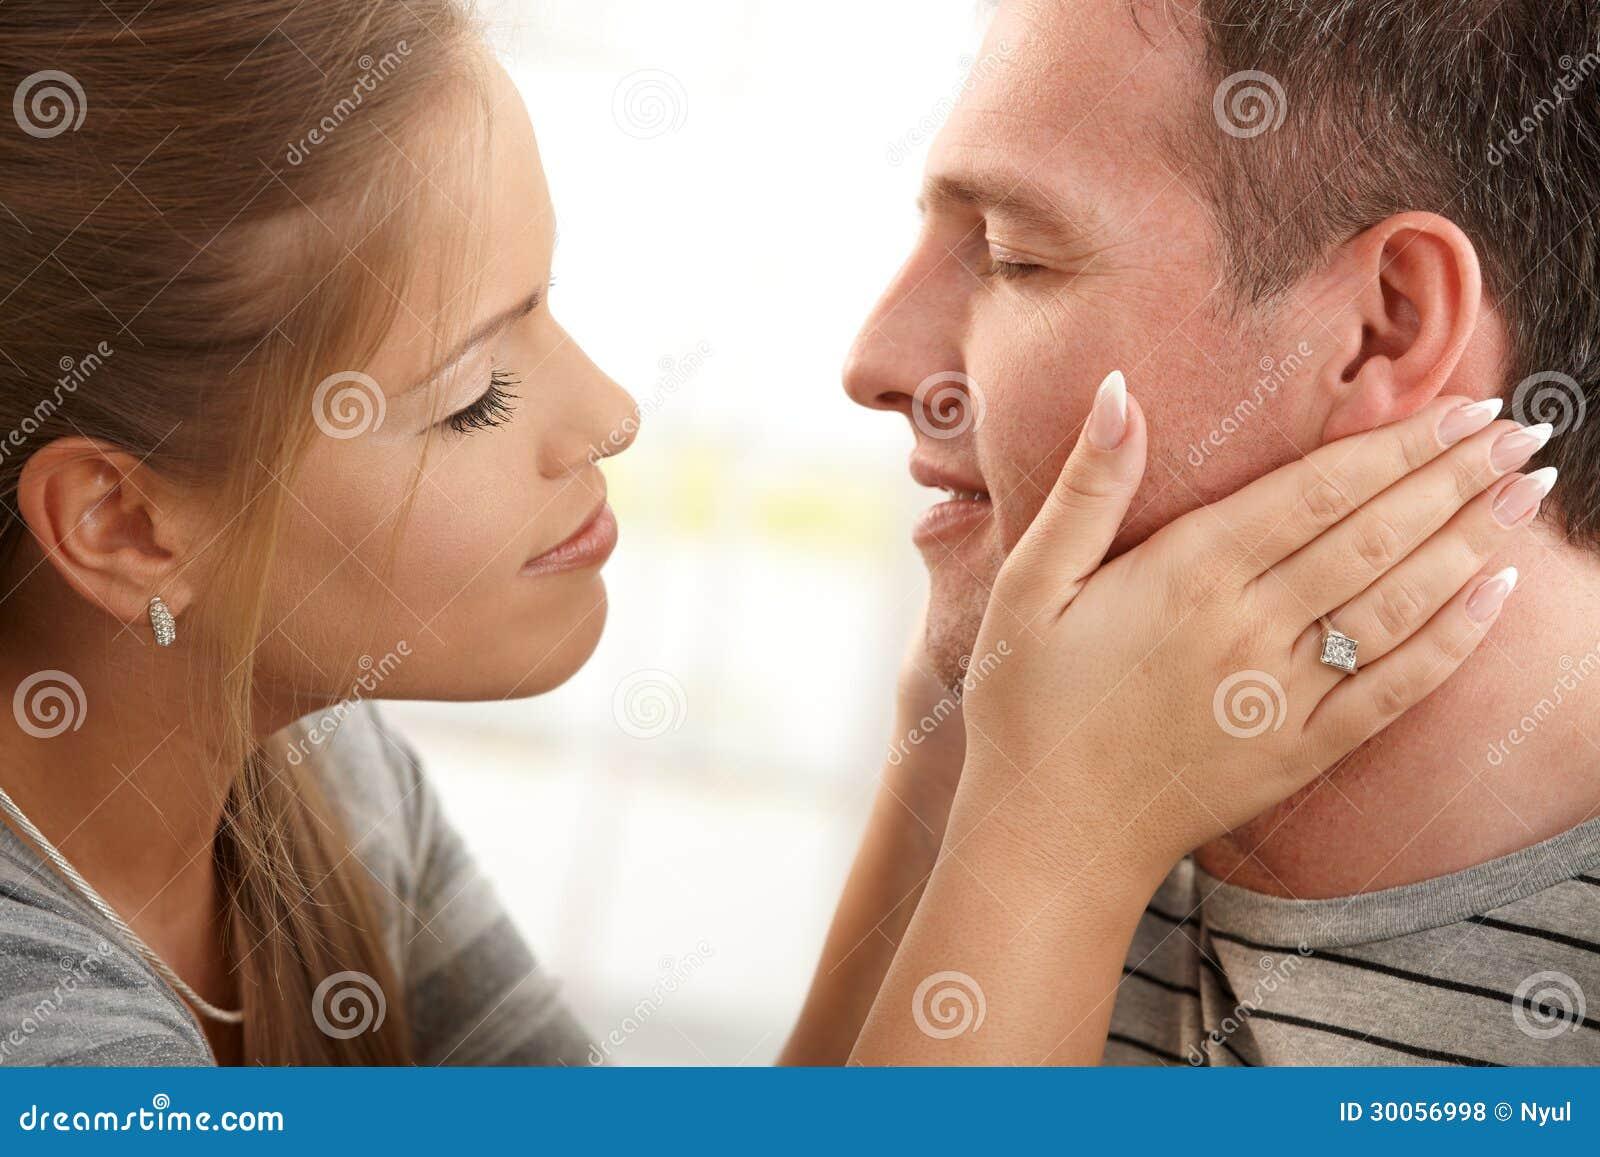 women naked kiss men